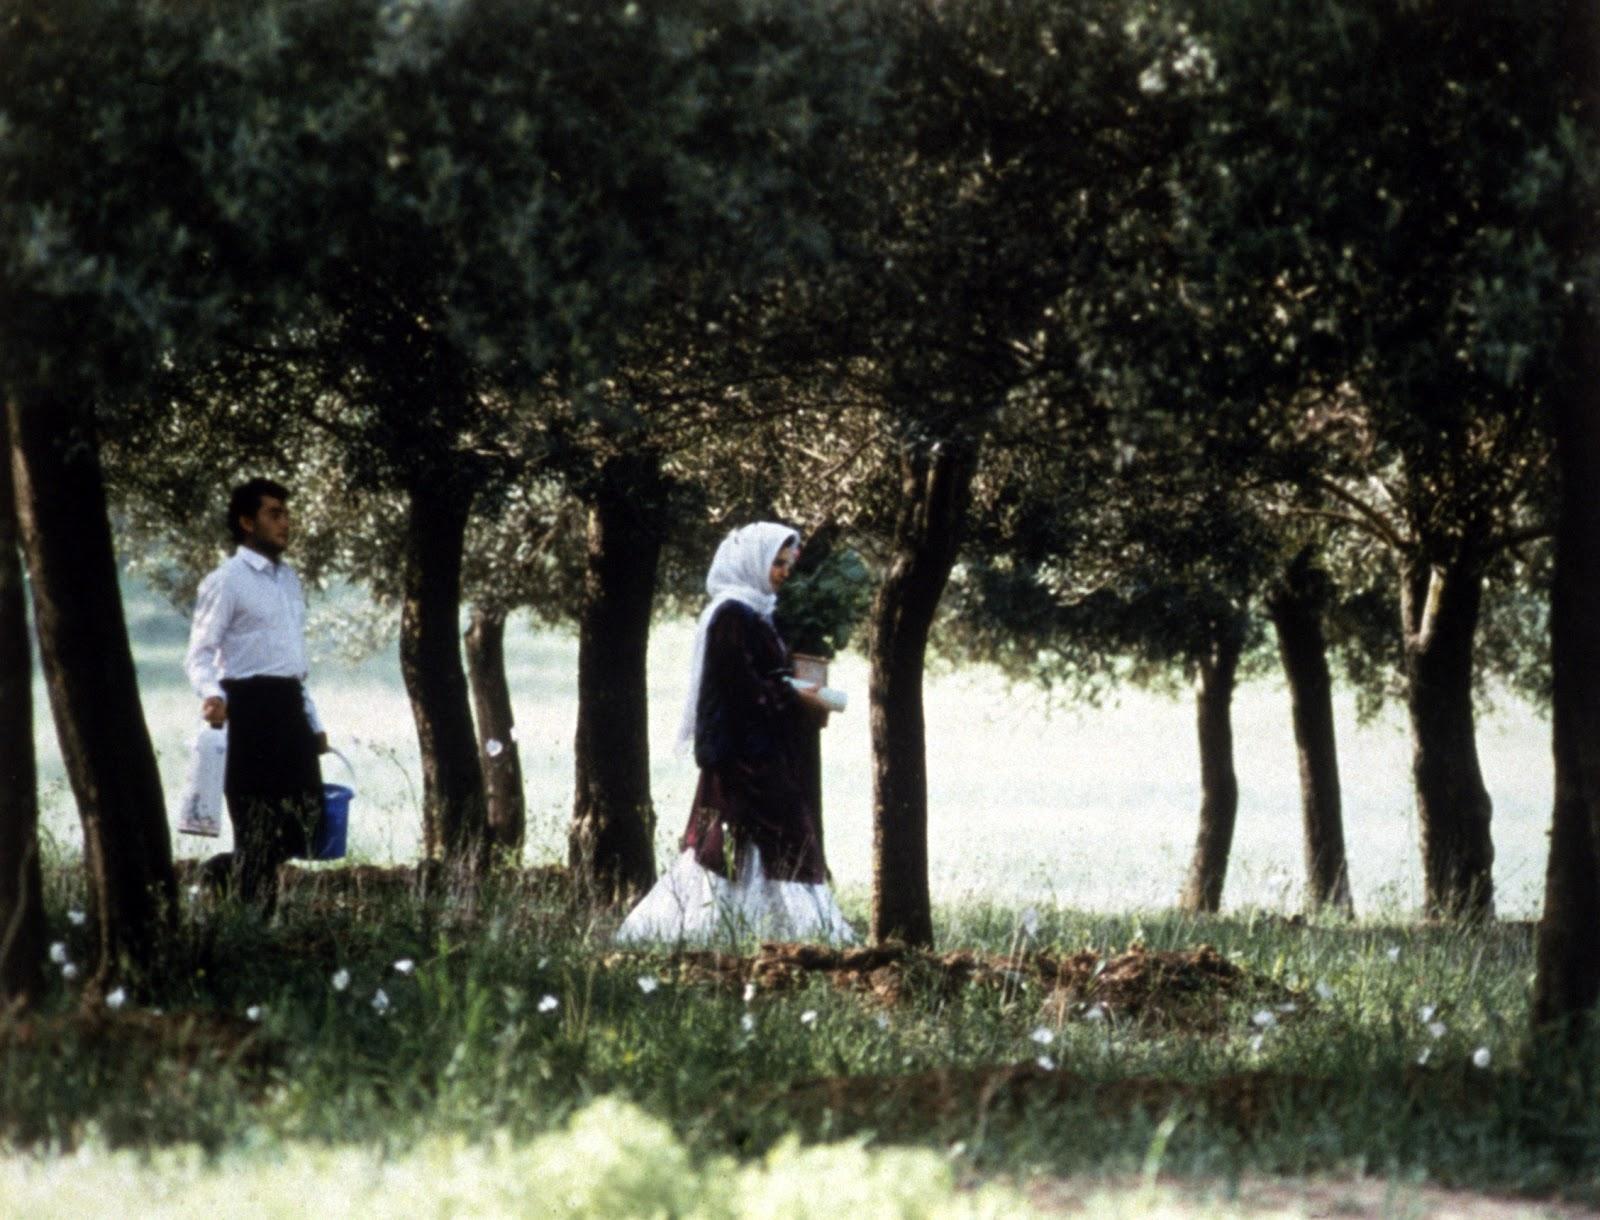 Sotto gli ulivi, una scena del film di Kiarostami